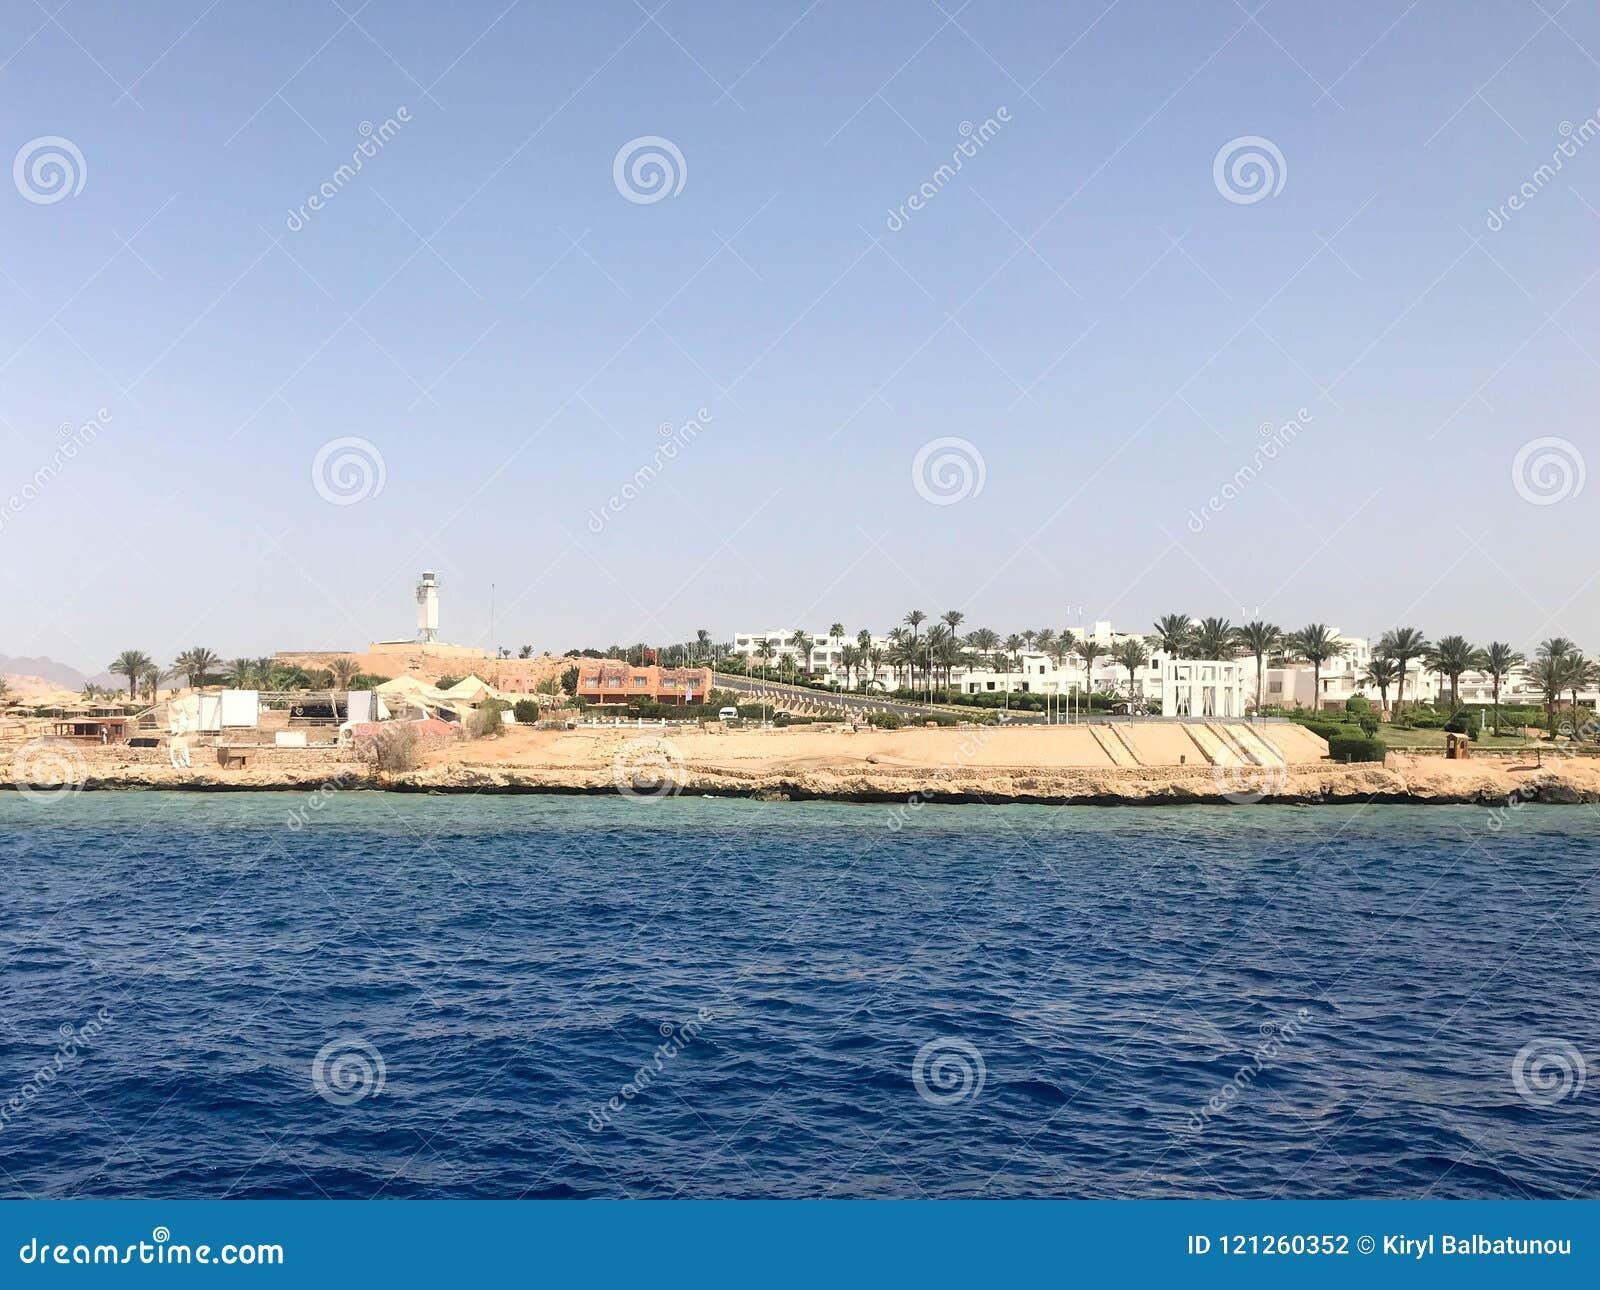 Het zeegezicht van de verre mooie bruine steenbergen en de diverse gebouwen op de kust en het blauwe zoute azuurblauwe overzees,